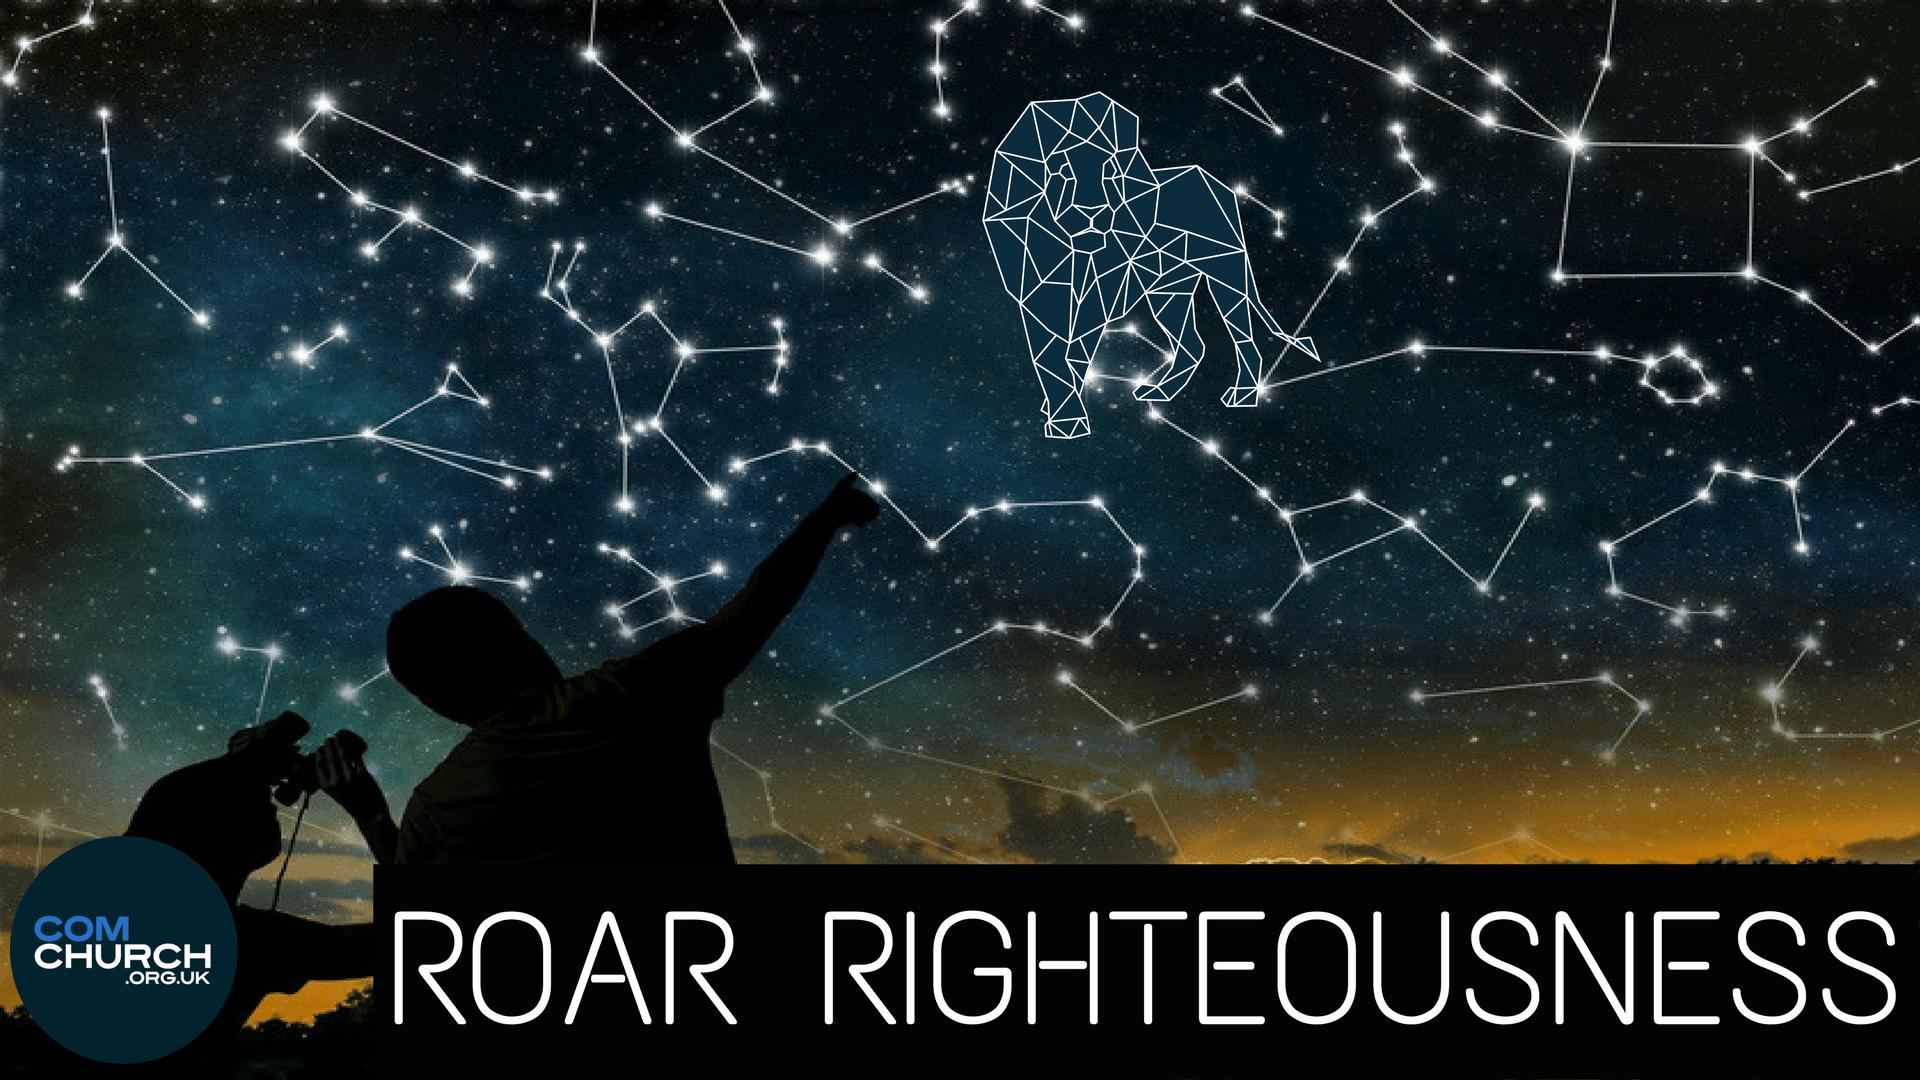 Roar Righteousness